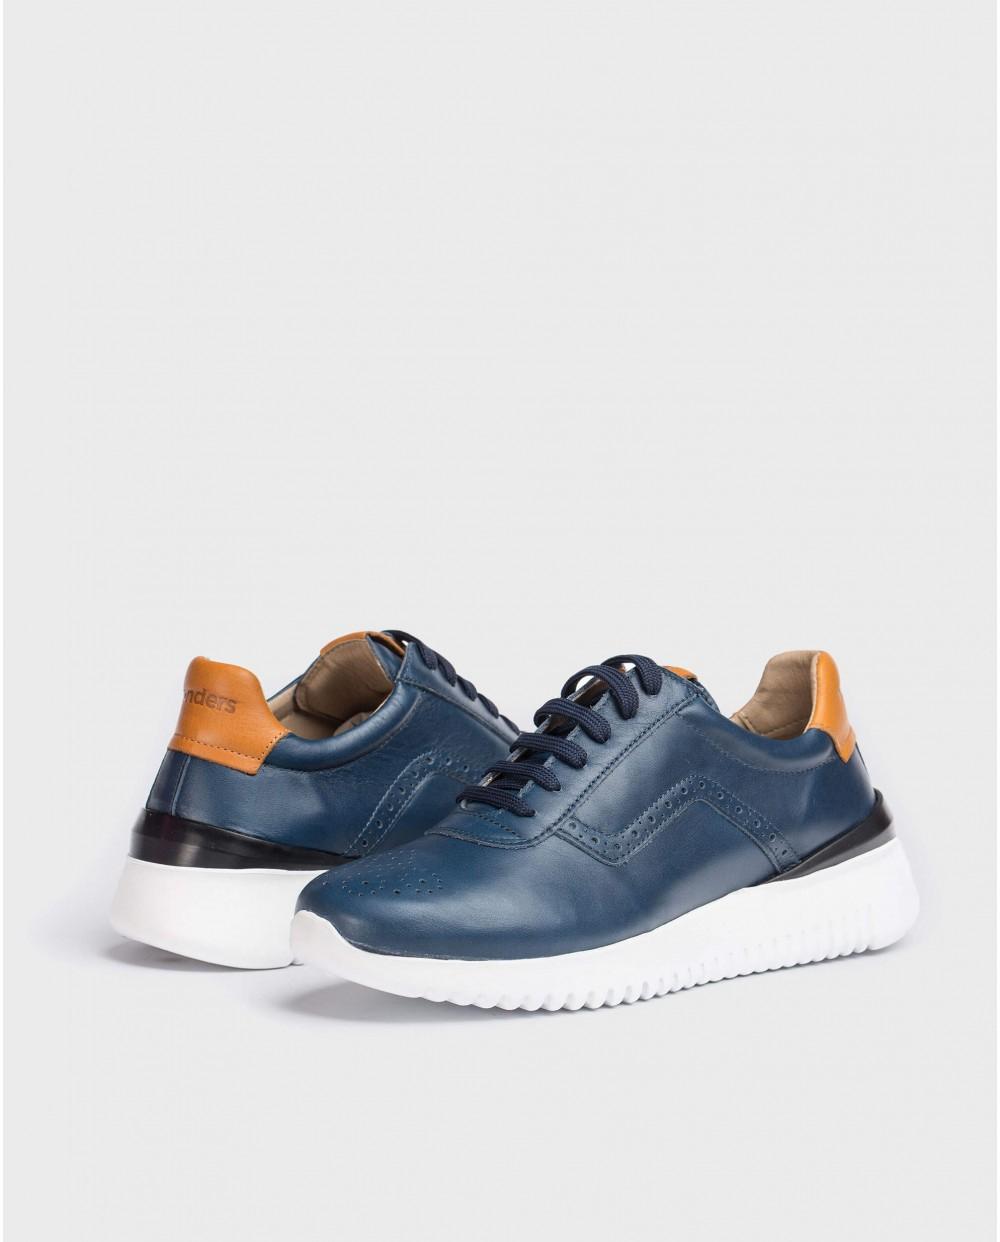 Wonders-Zapatos con cordones-Deportivo piel picado